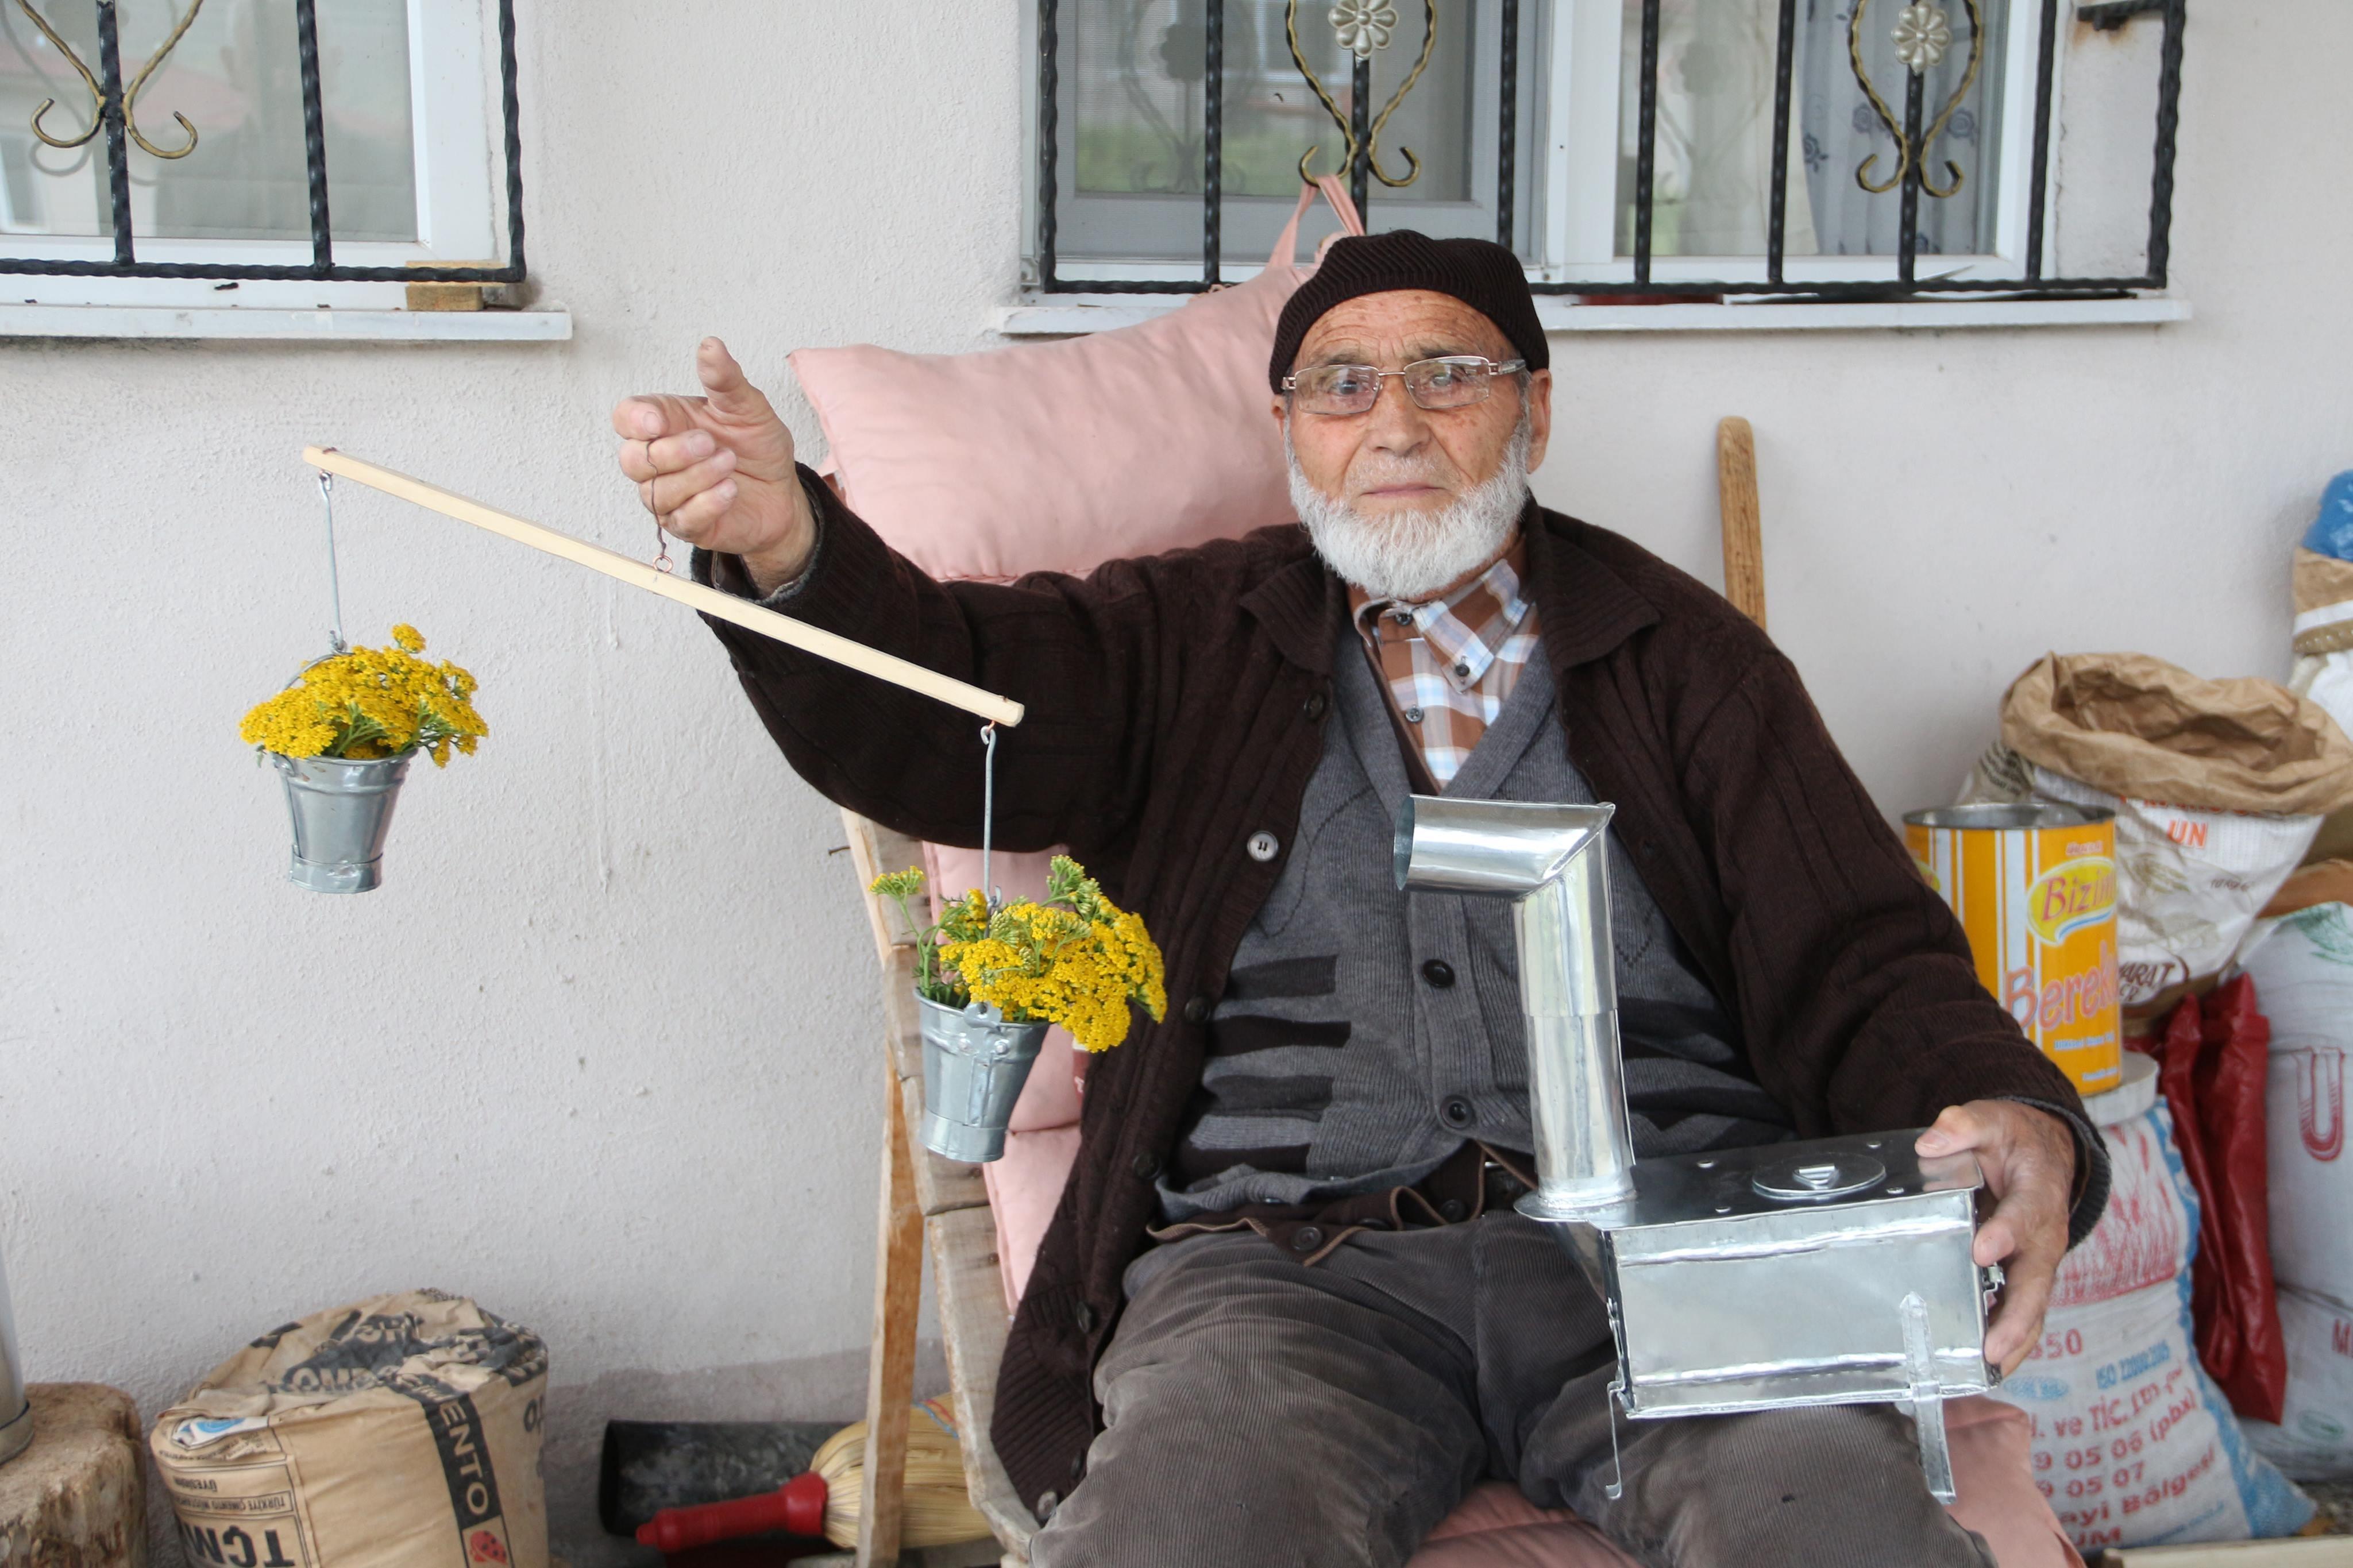 86 yaşında hediyelik eşya yapıp satıyor